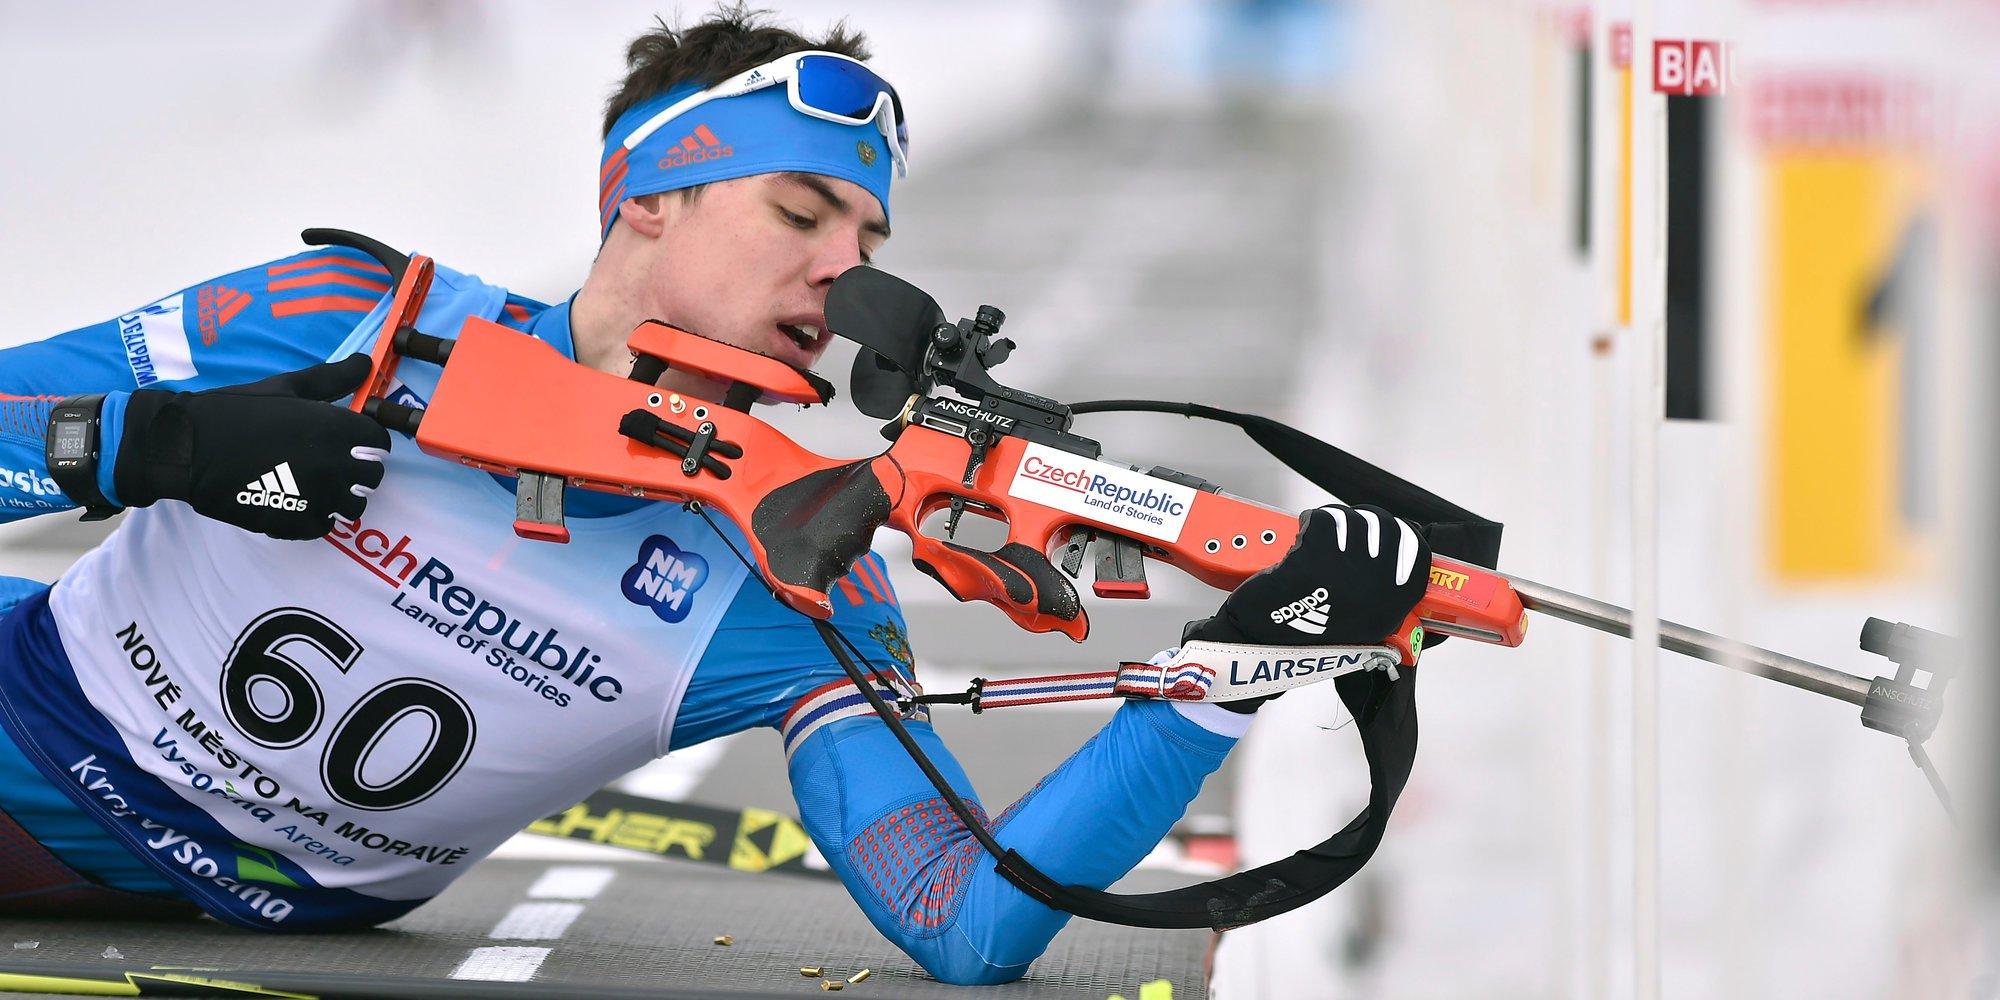 Поршнев выиграл индивидуальную гонку на этапе Кубка IBU в Словакии